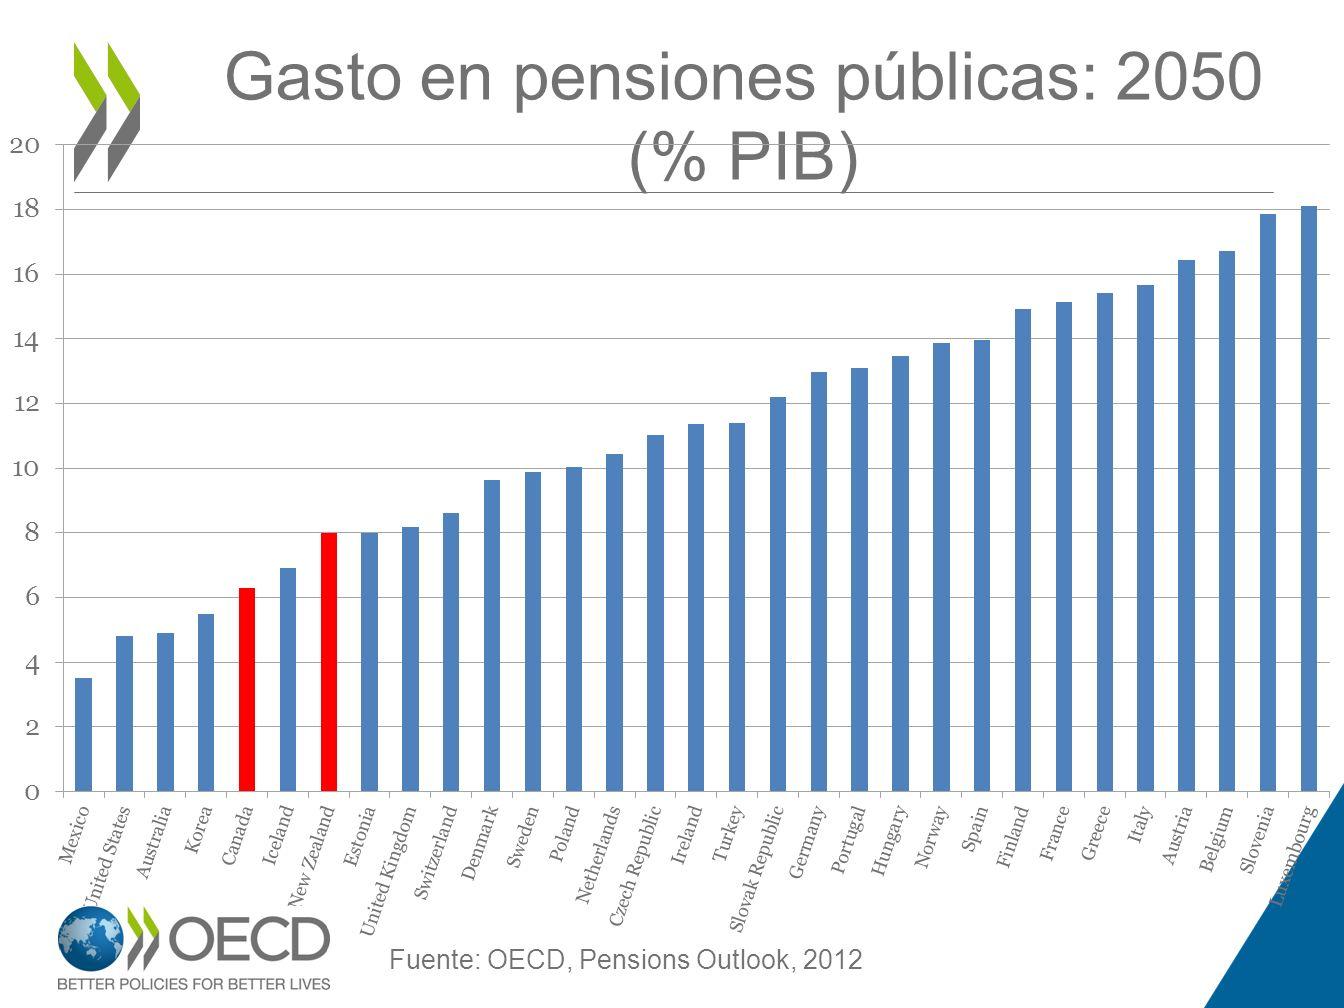 Gasto en pensiones públicas: 2050 (% PIB) Fuente: OECD, Pensions Outlook, 2012